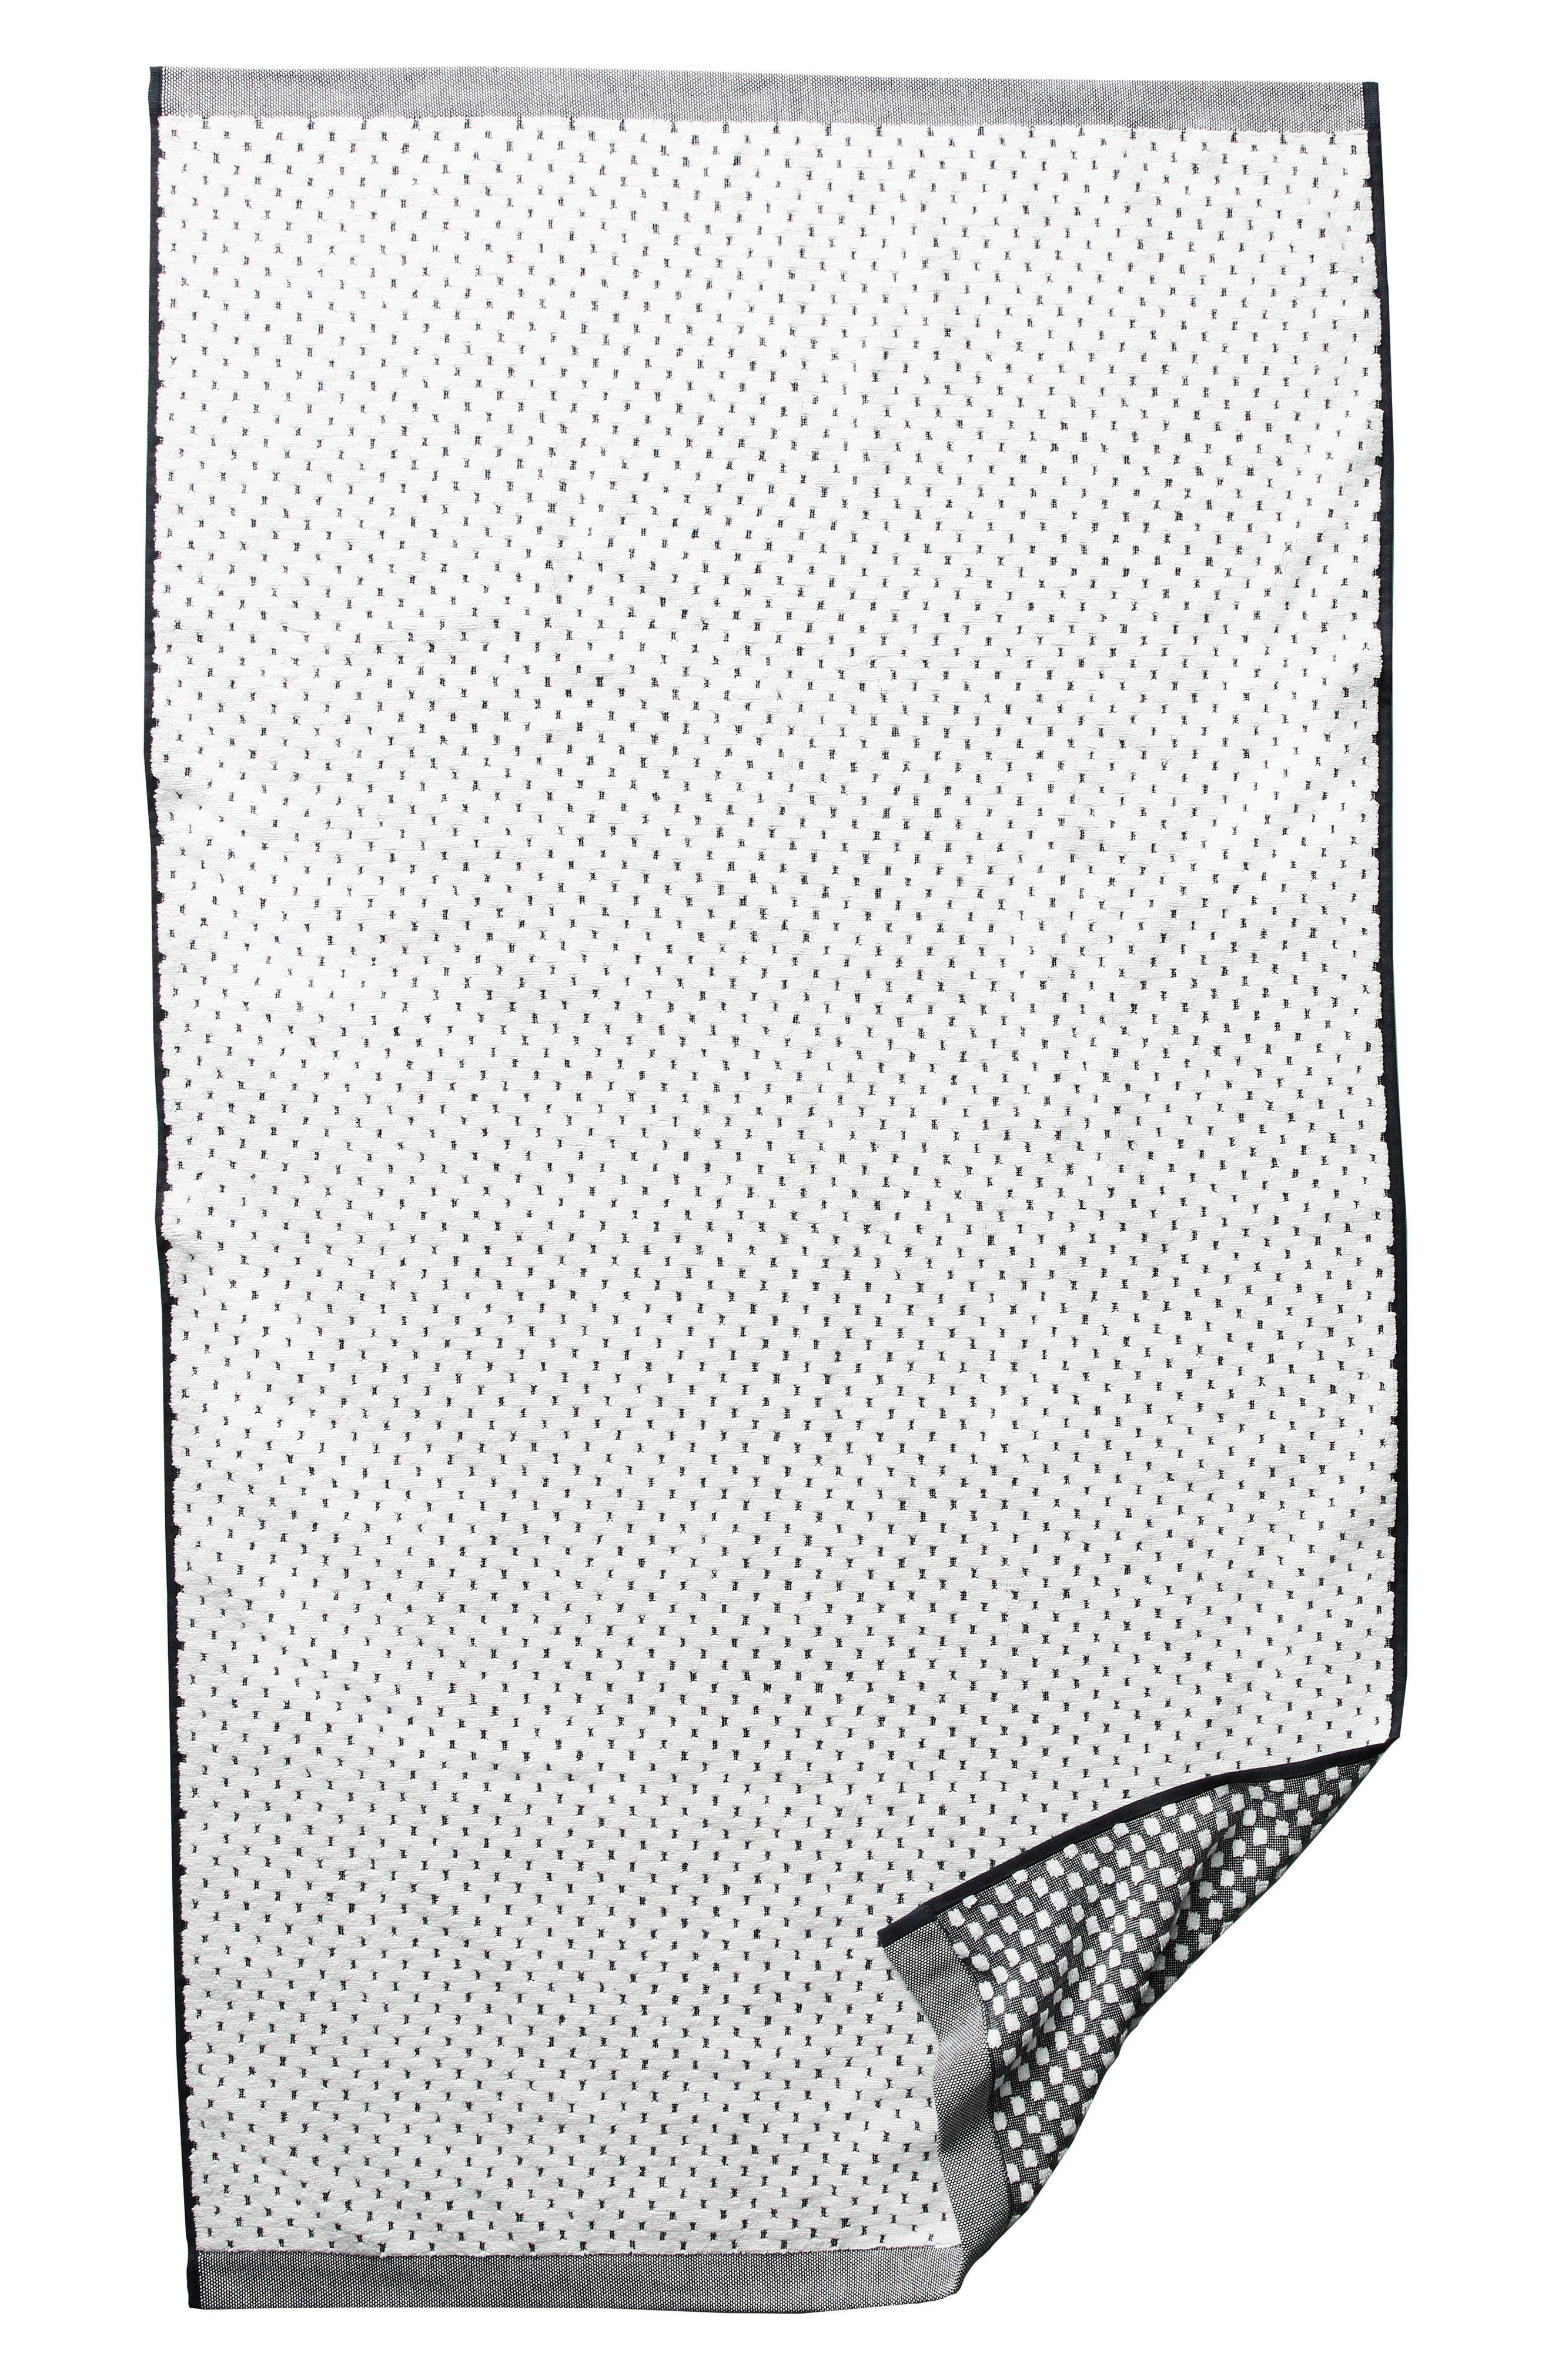 Dot Jacquard Bath Towel,                             Alternate thumbnail 4, color,                             Black